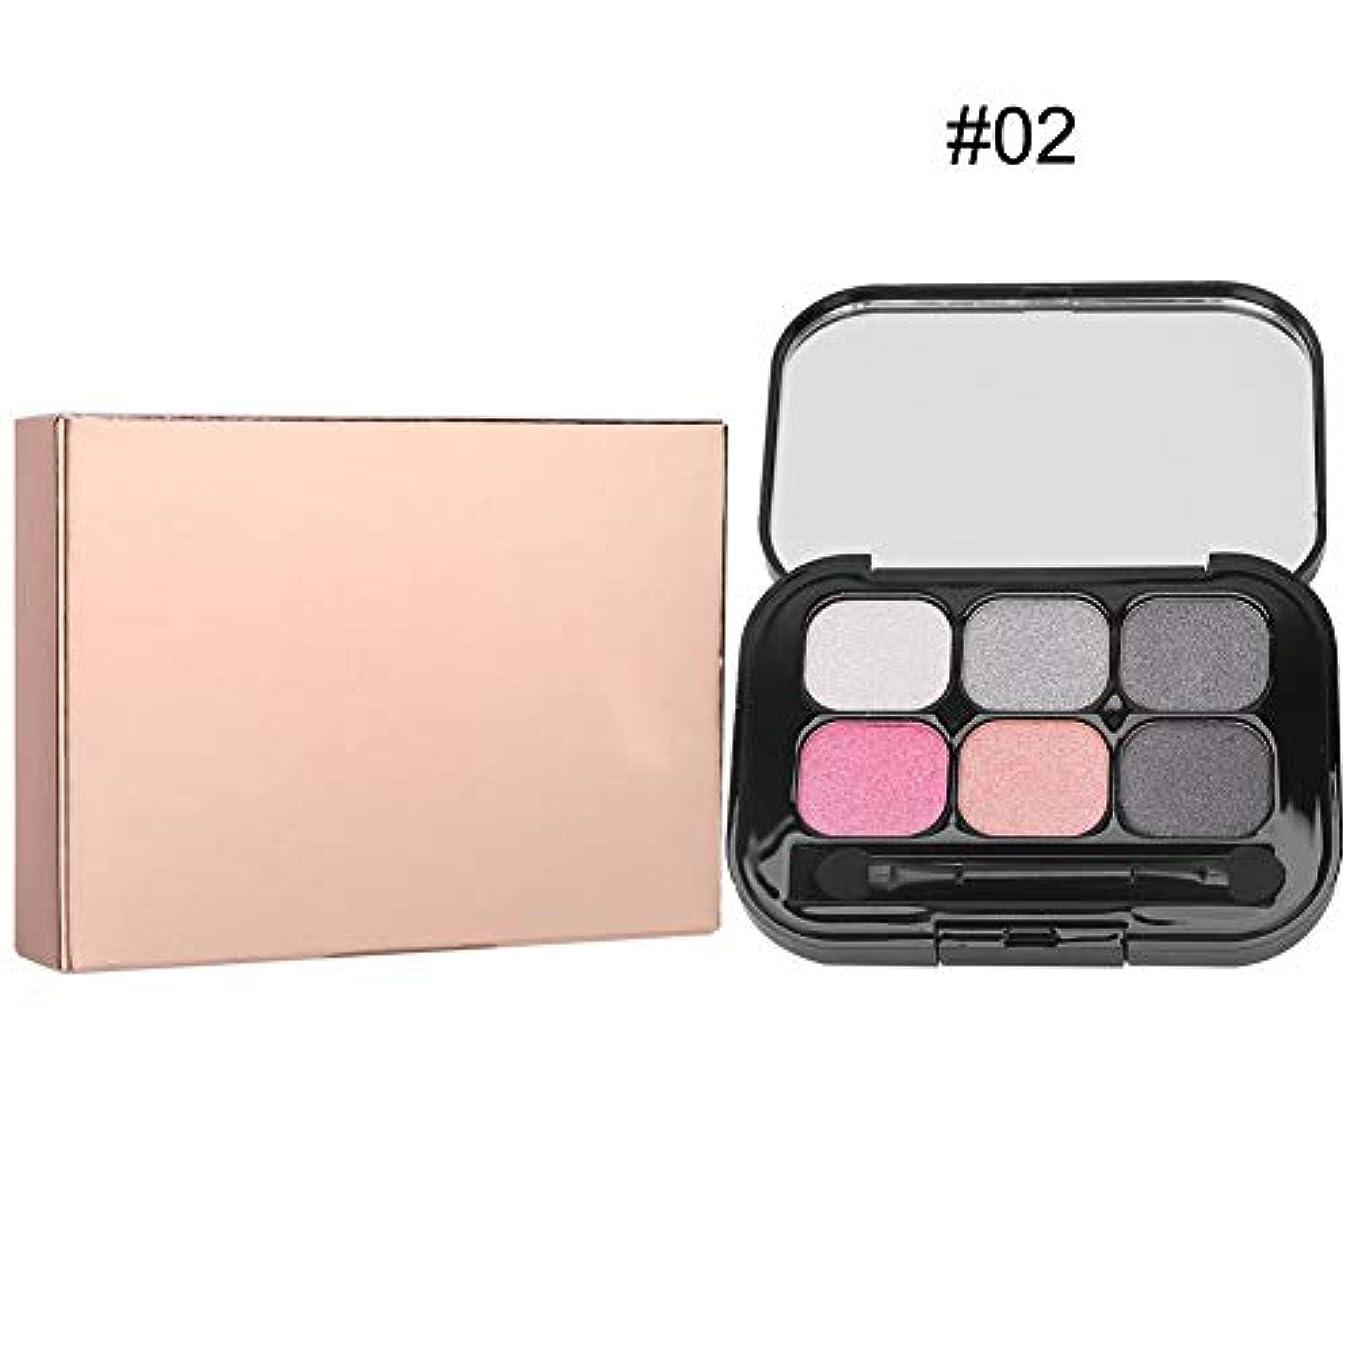 生まれ単独で含意16色 アイシャドウパレット アイシャドウパレット 化粧マット グロス アイシャドウパウダー 化粧品ツール (02)